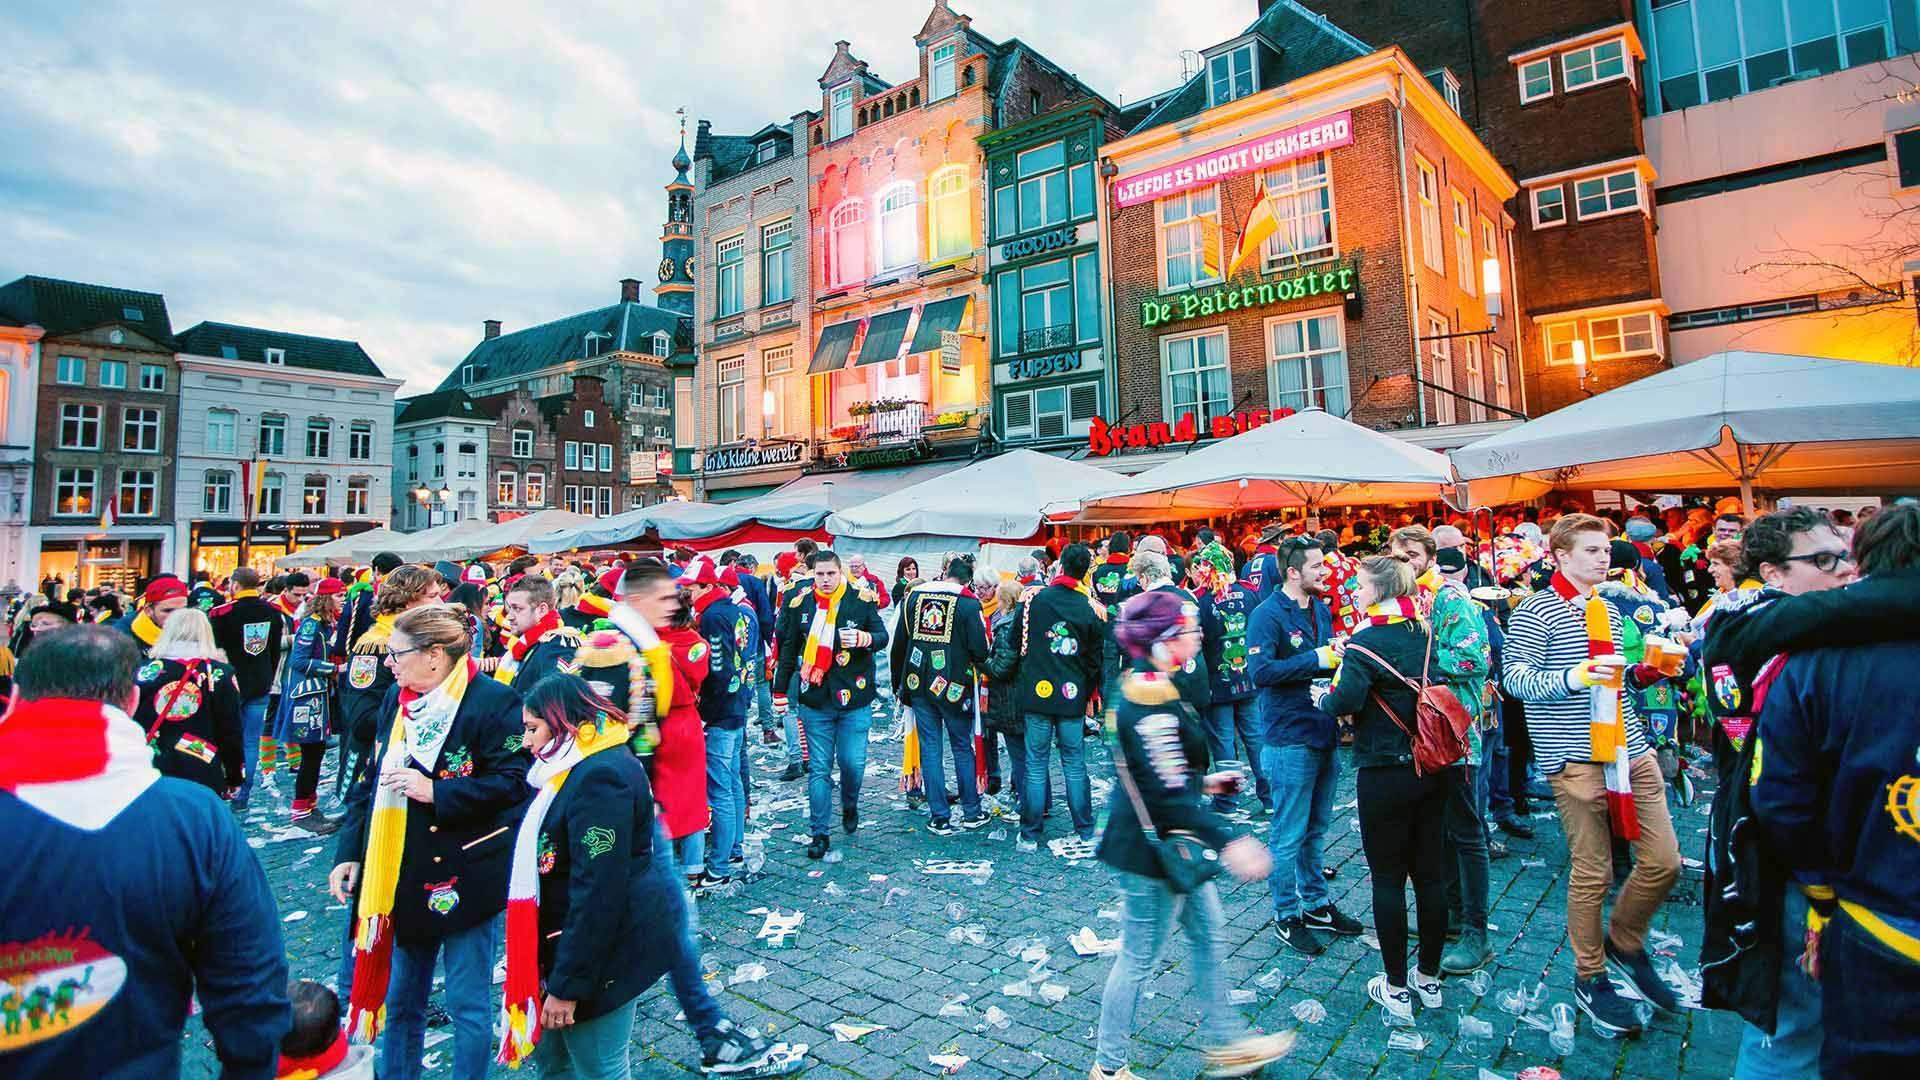 Oeteldonkse carnavalskleding | Oeteljee Den Bosch